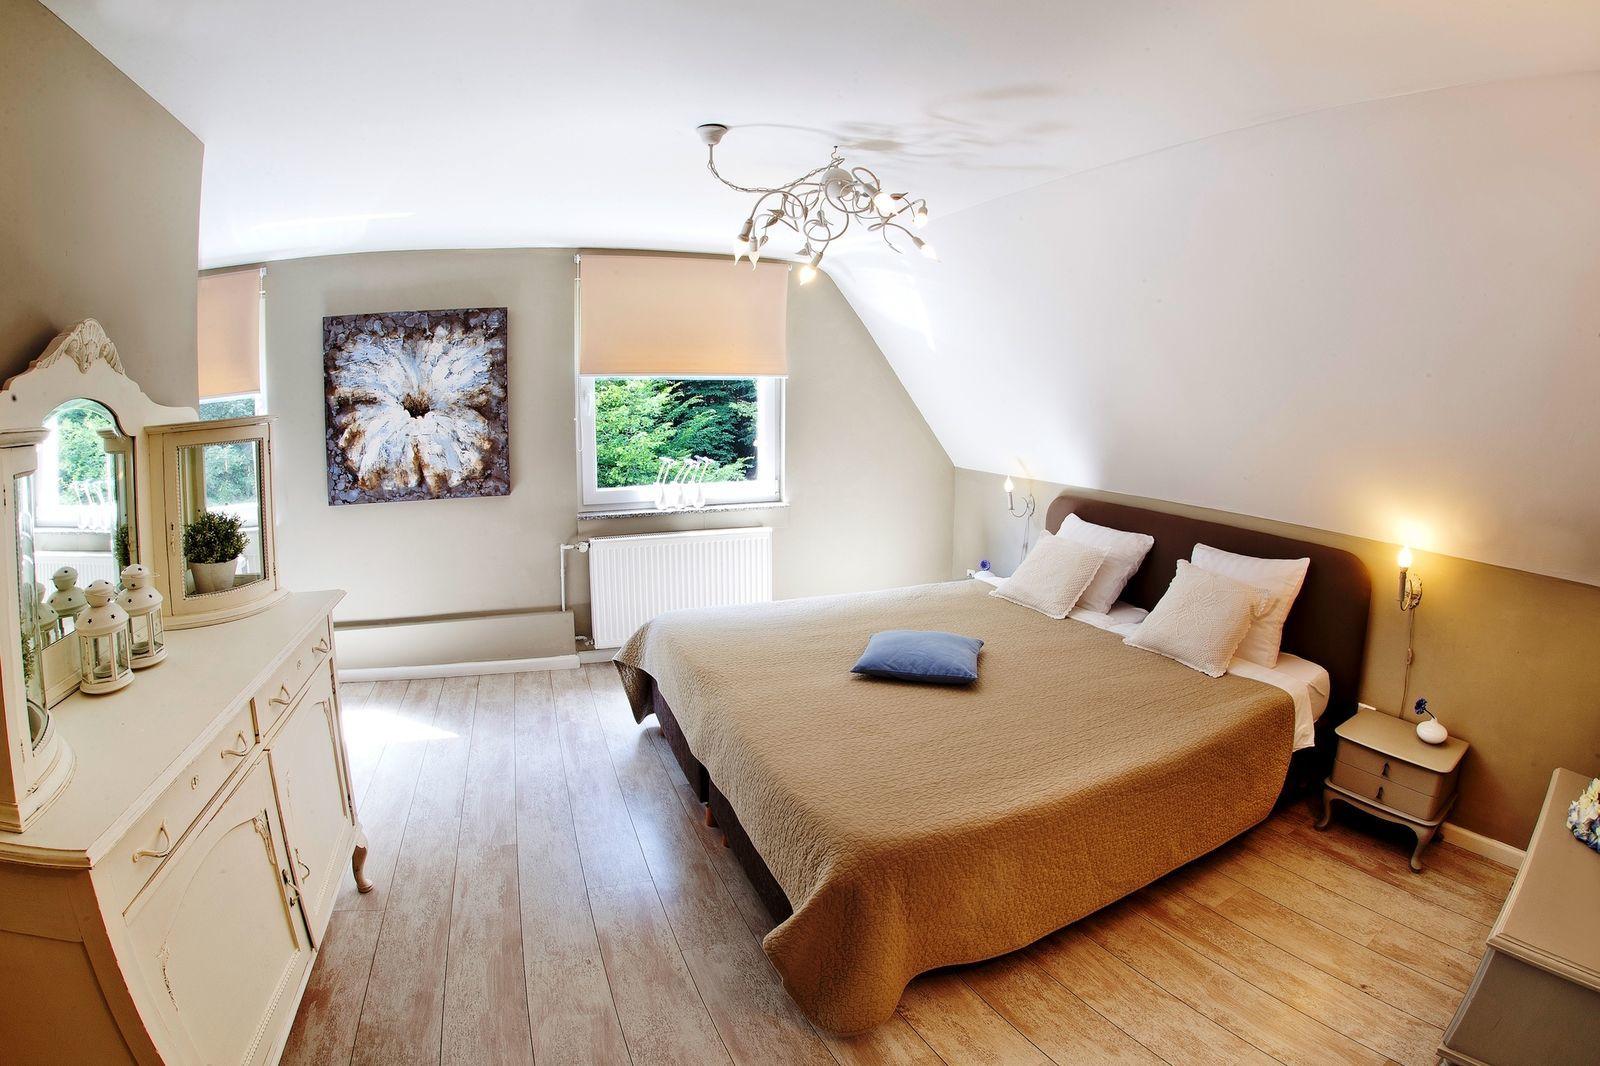 Huize Schutzbach Westerwald - vakantievilla voor groepen in de natuur